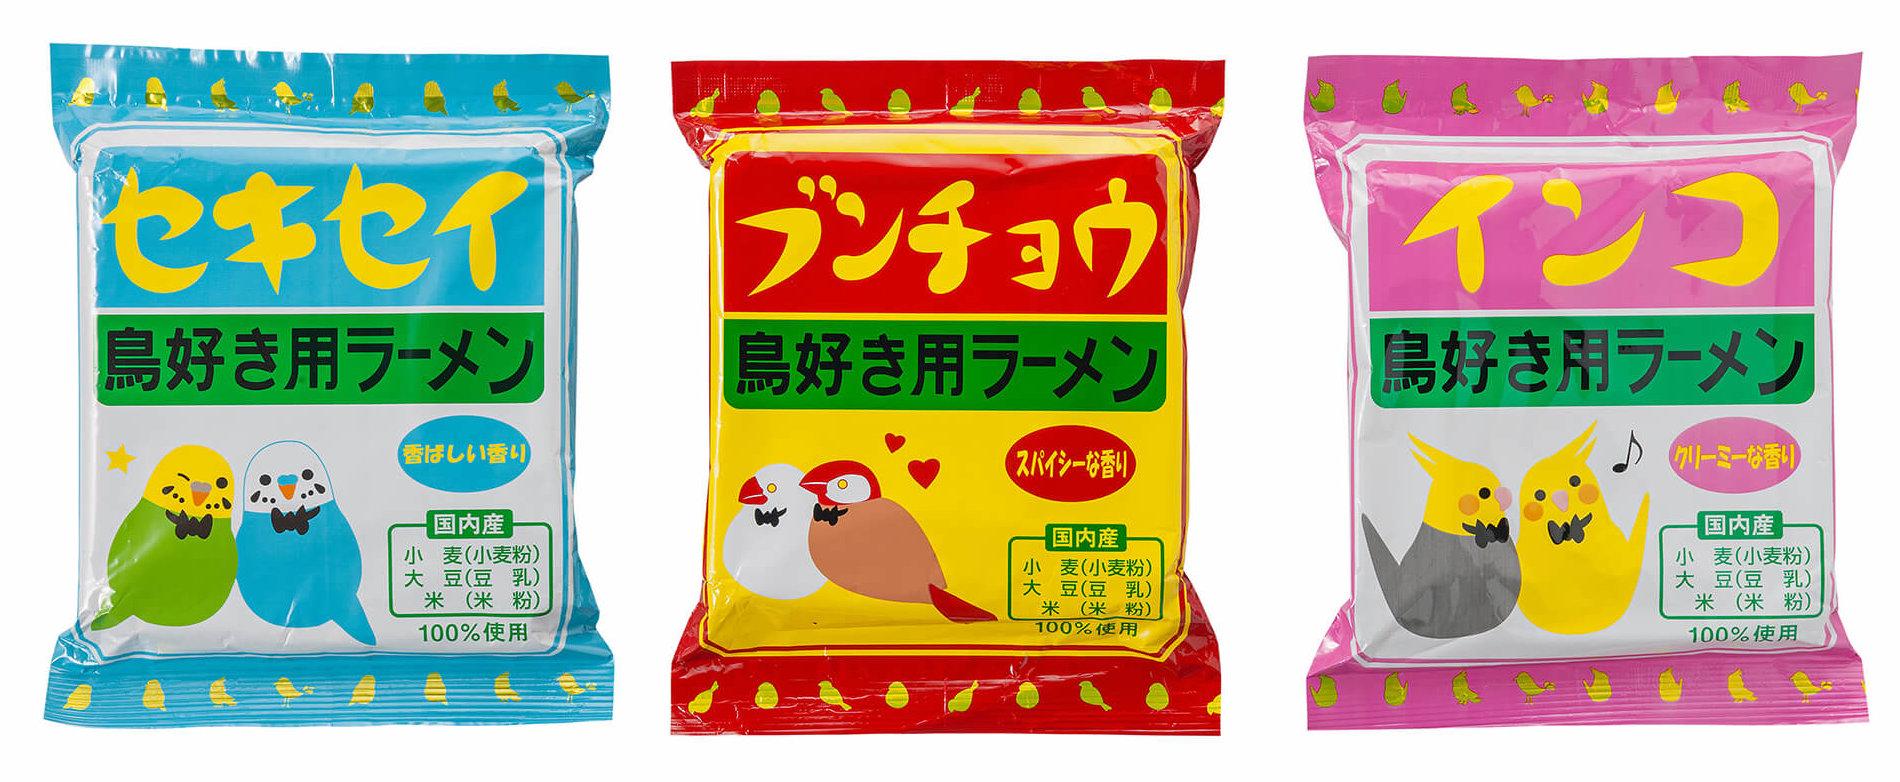 小鳥のアートフェスタin横浜